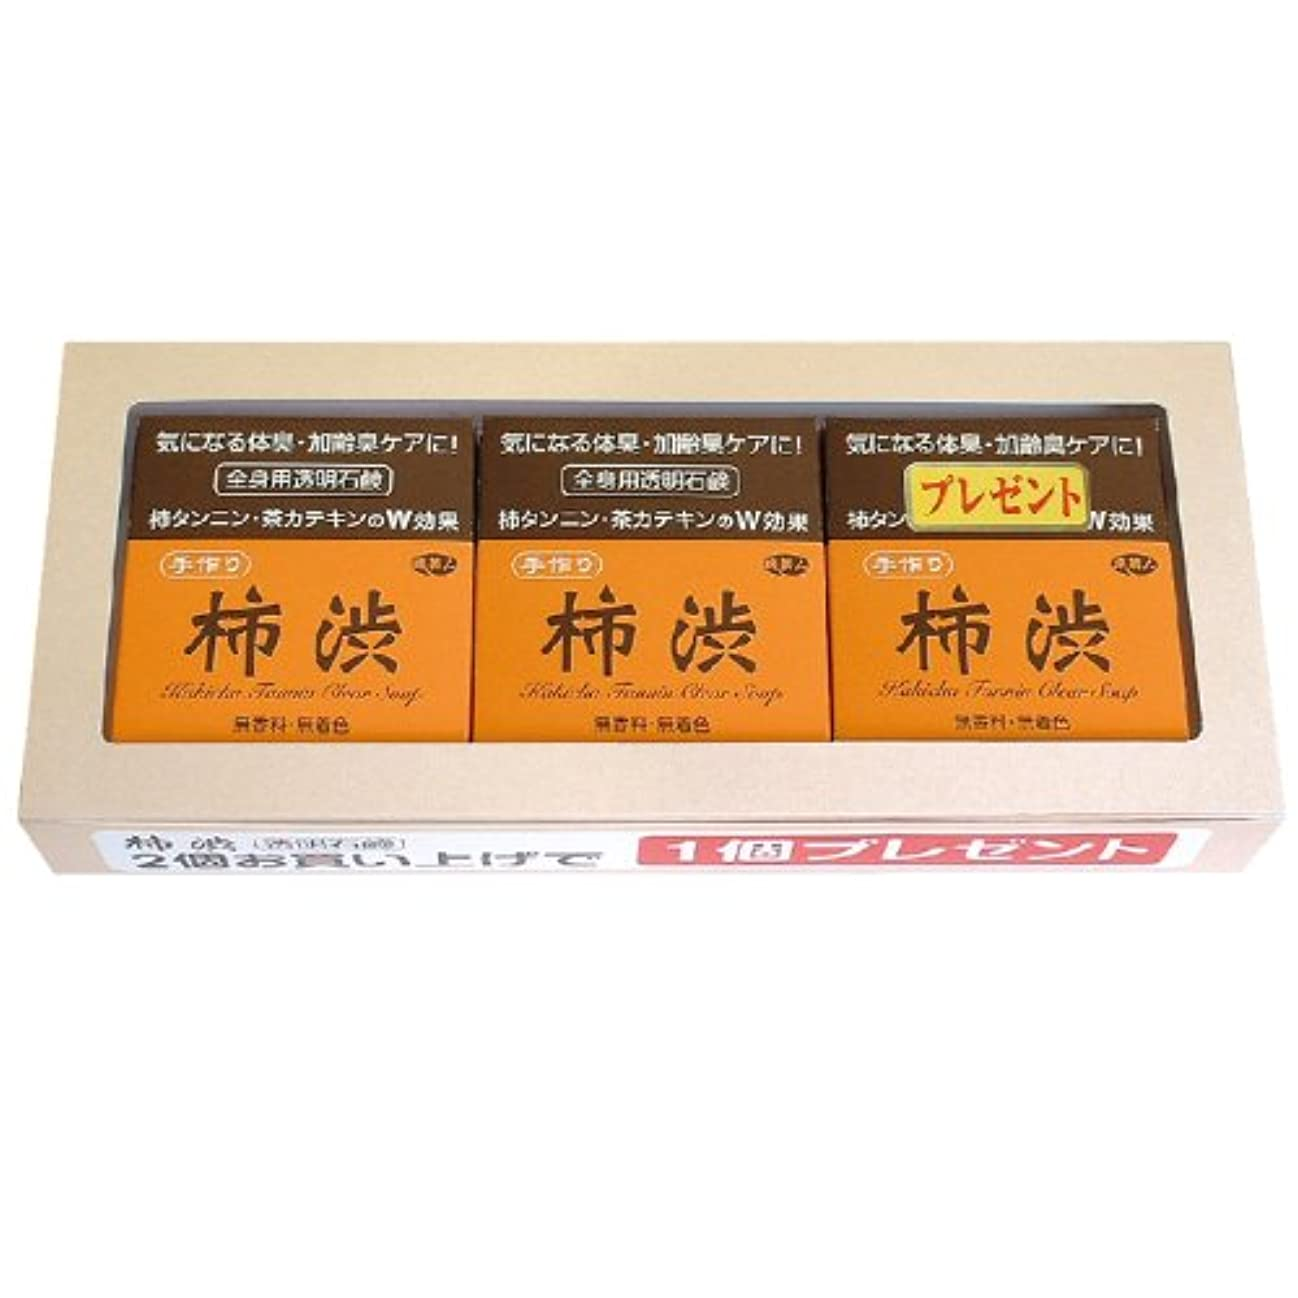 アマゾンジャングルシュガーオフェンスアズマ商事の 柿渋透明石鹸 2個の値段で3個入りセット